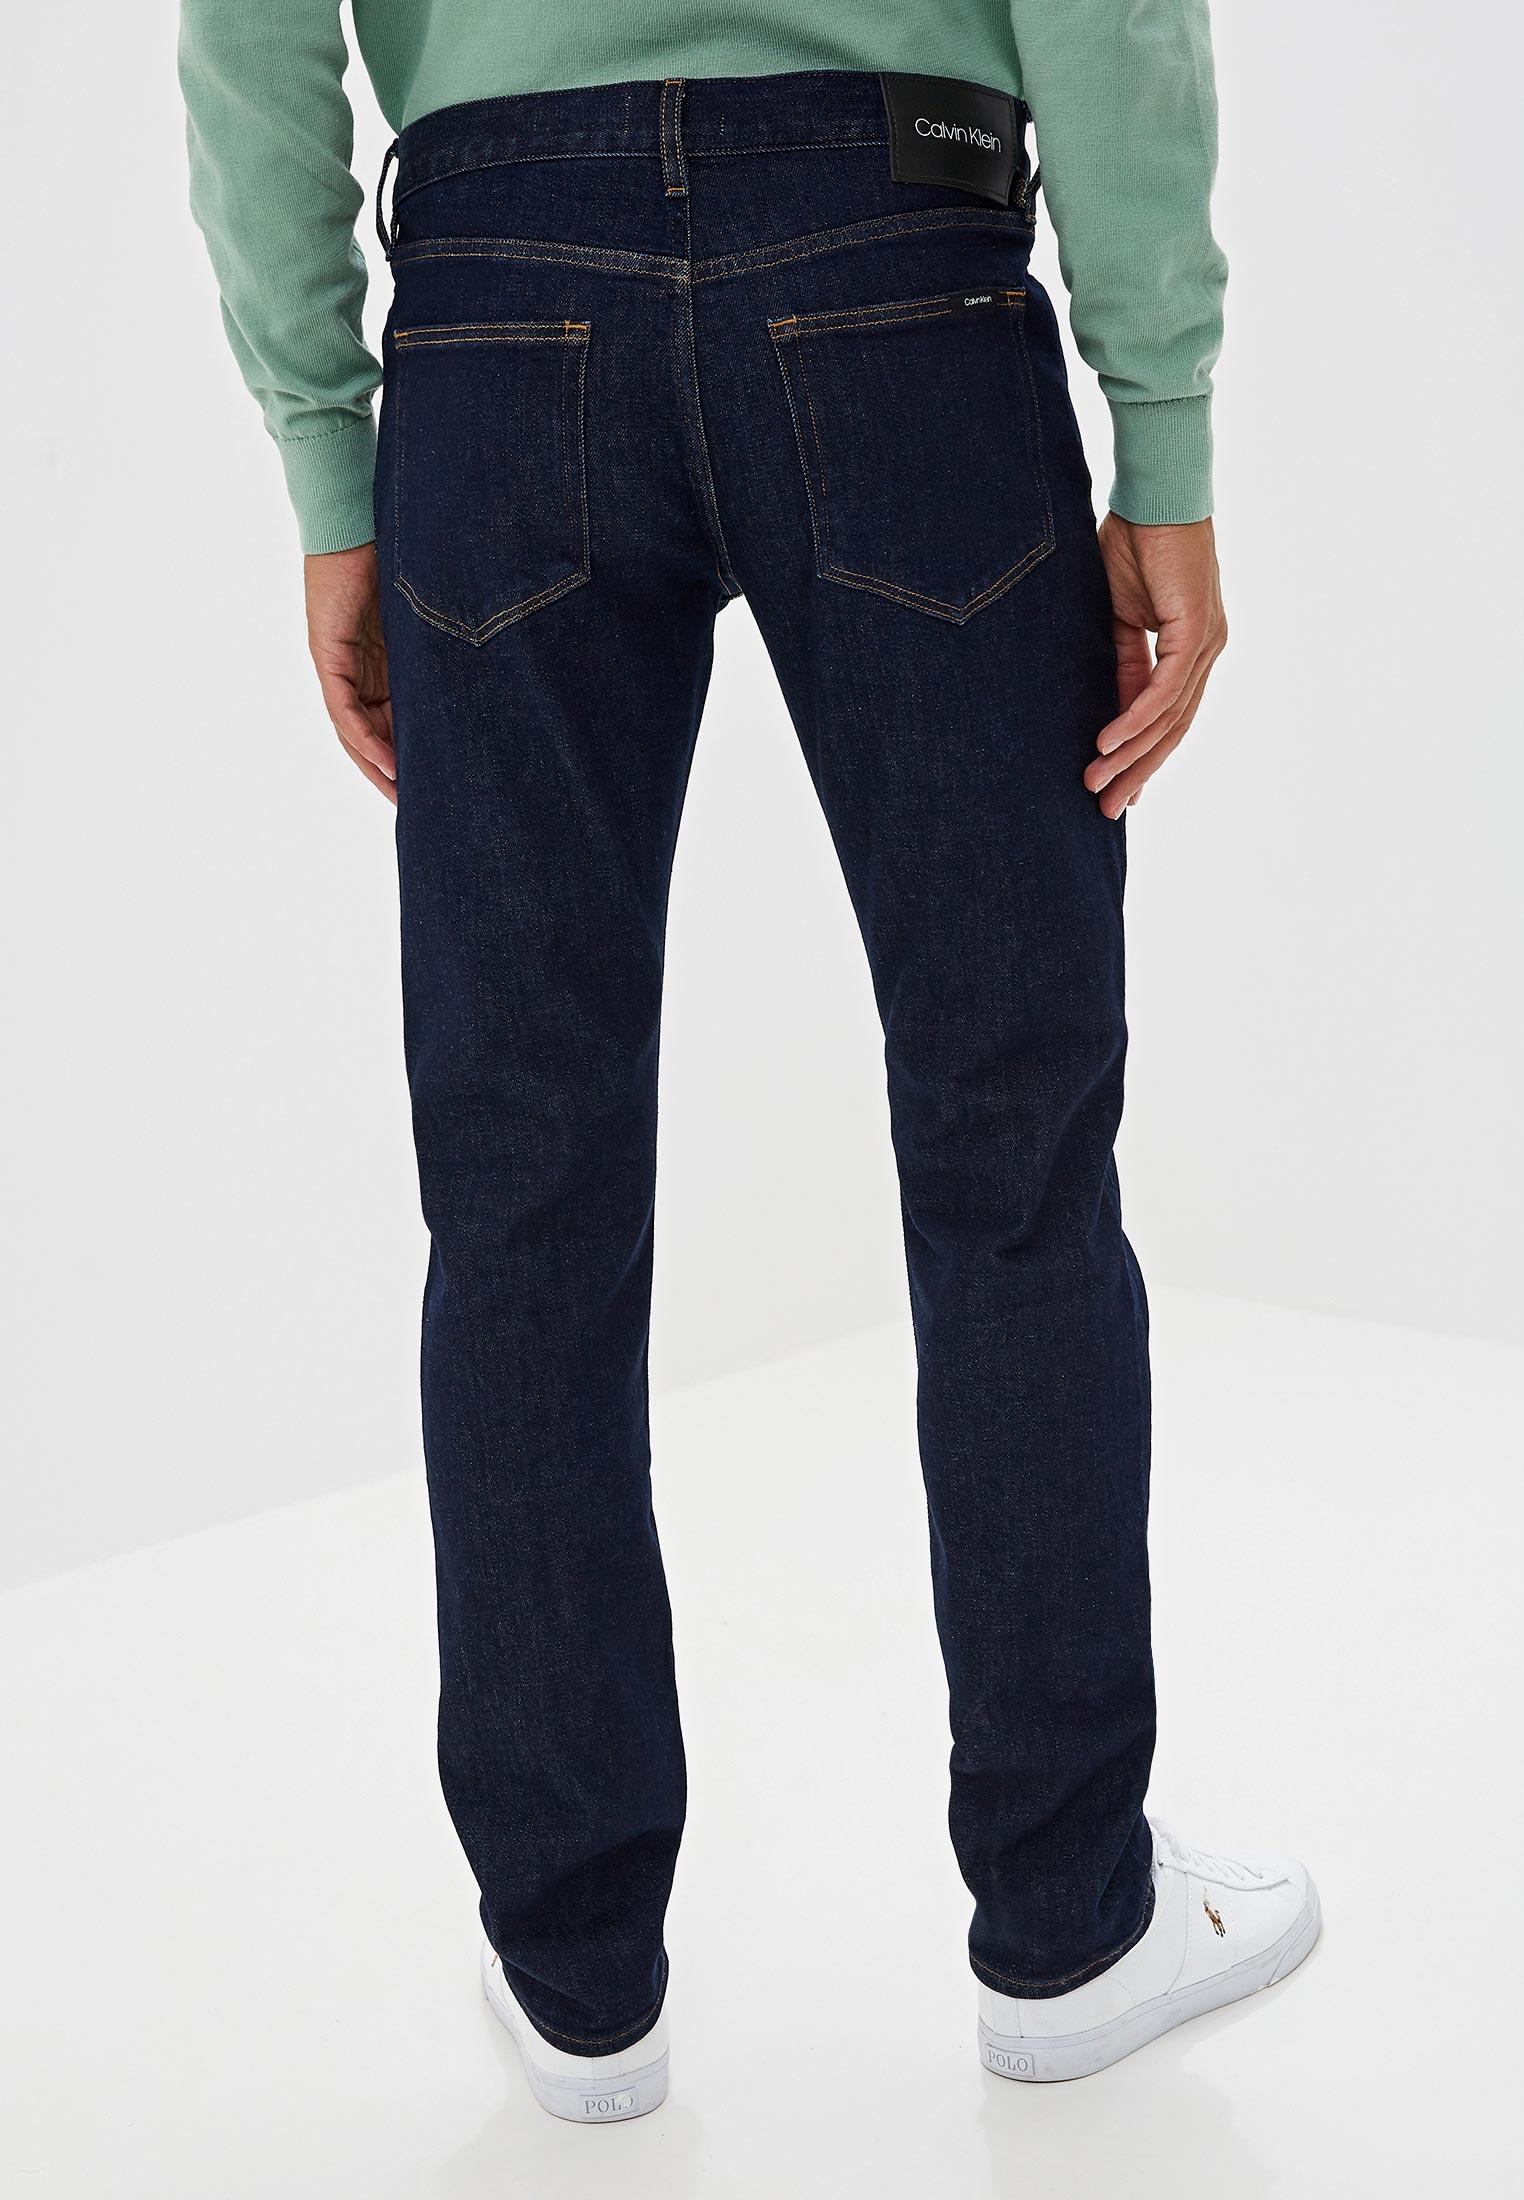 Зауженные джинсы Calvin Klein (Кельвин Кляйн) k10k104359: изображение 3